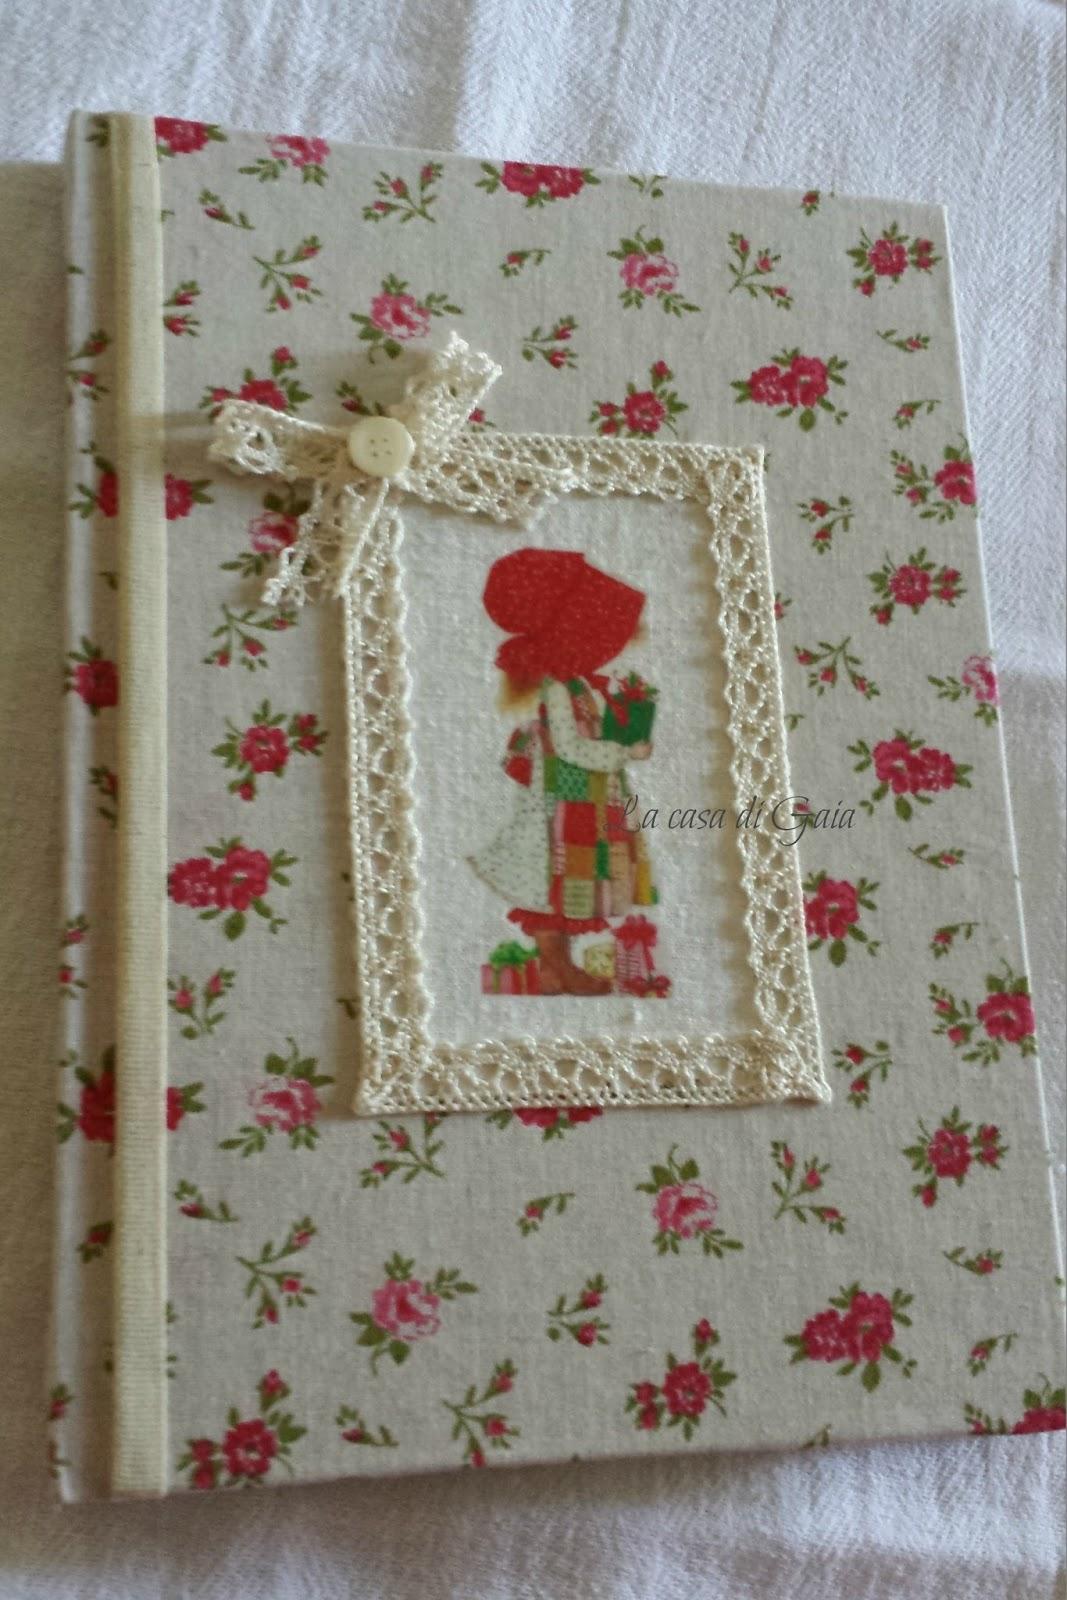 La casa di gaia creazioni natalizie vintage style for Porta quaderni